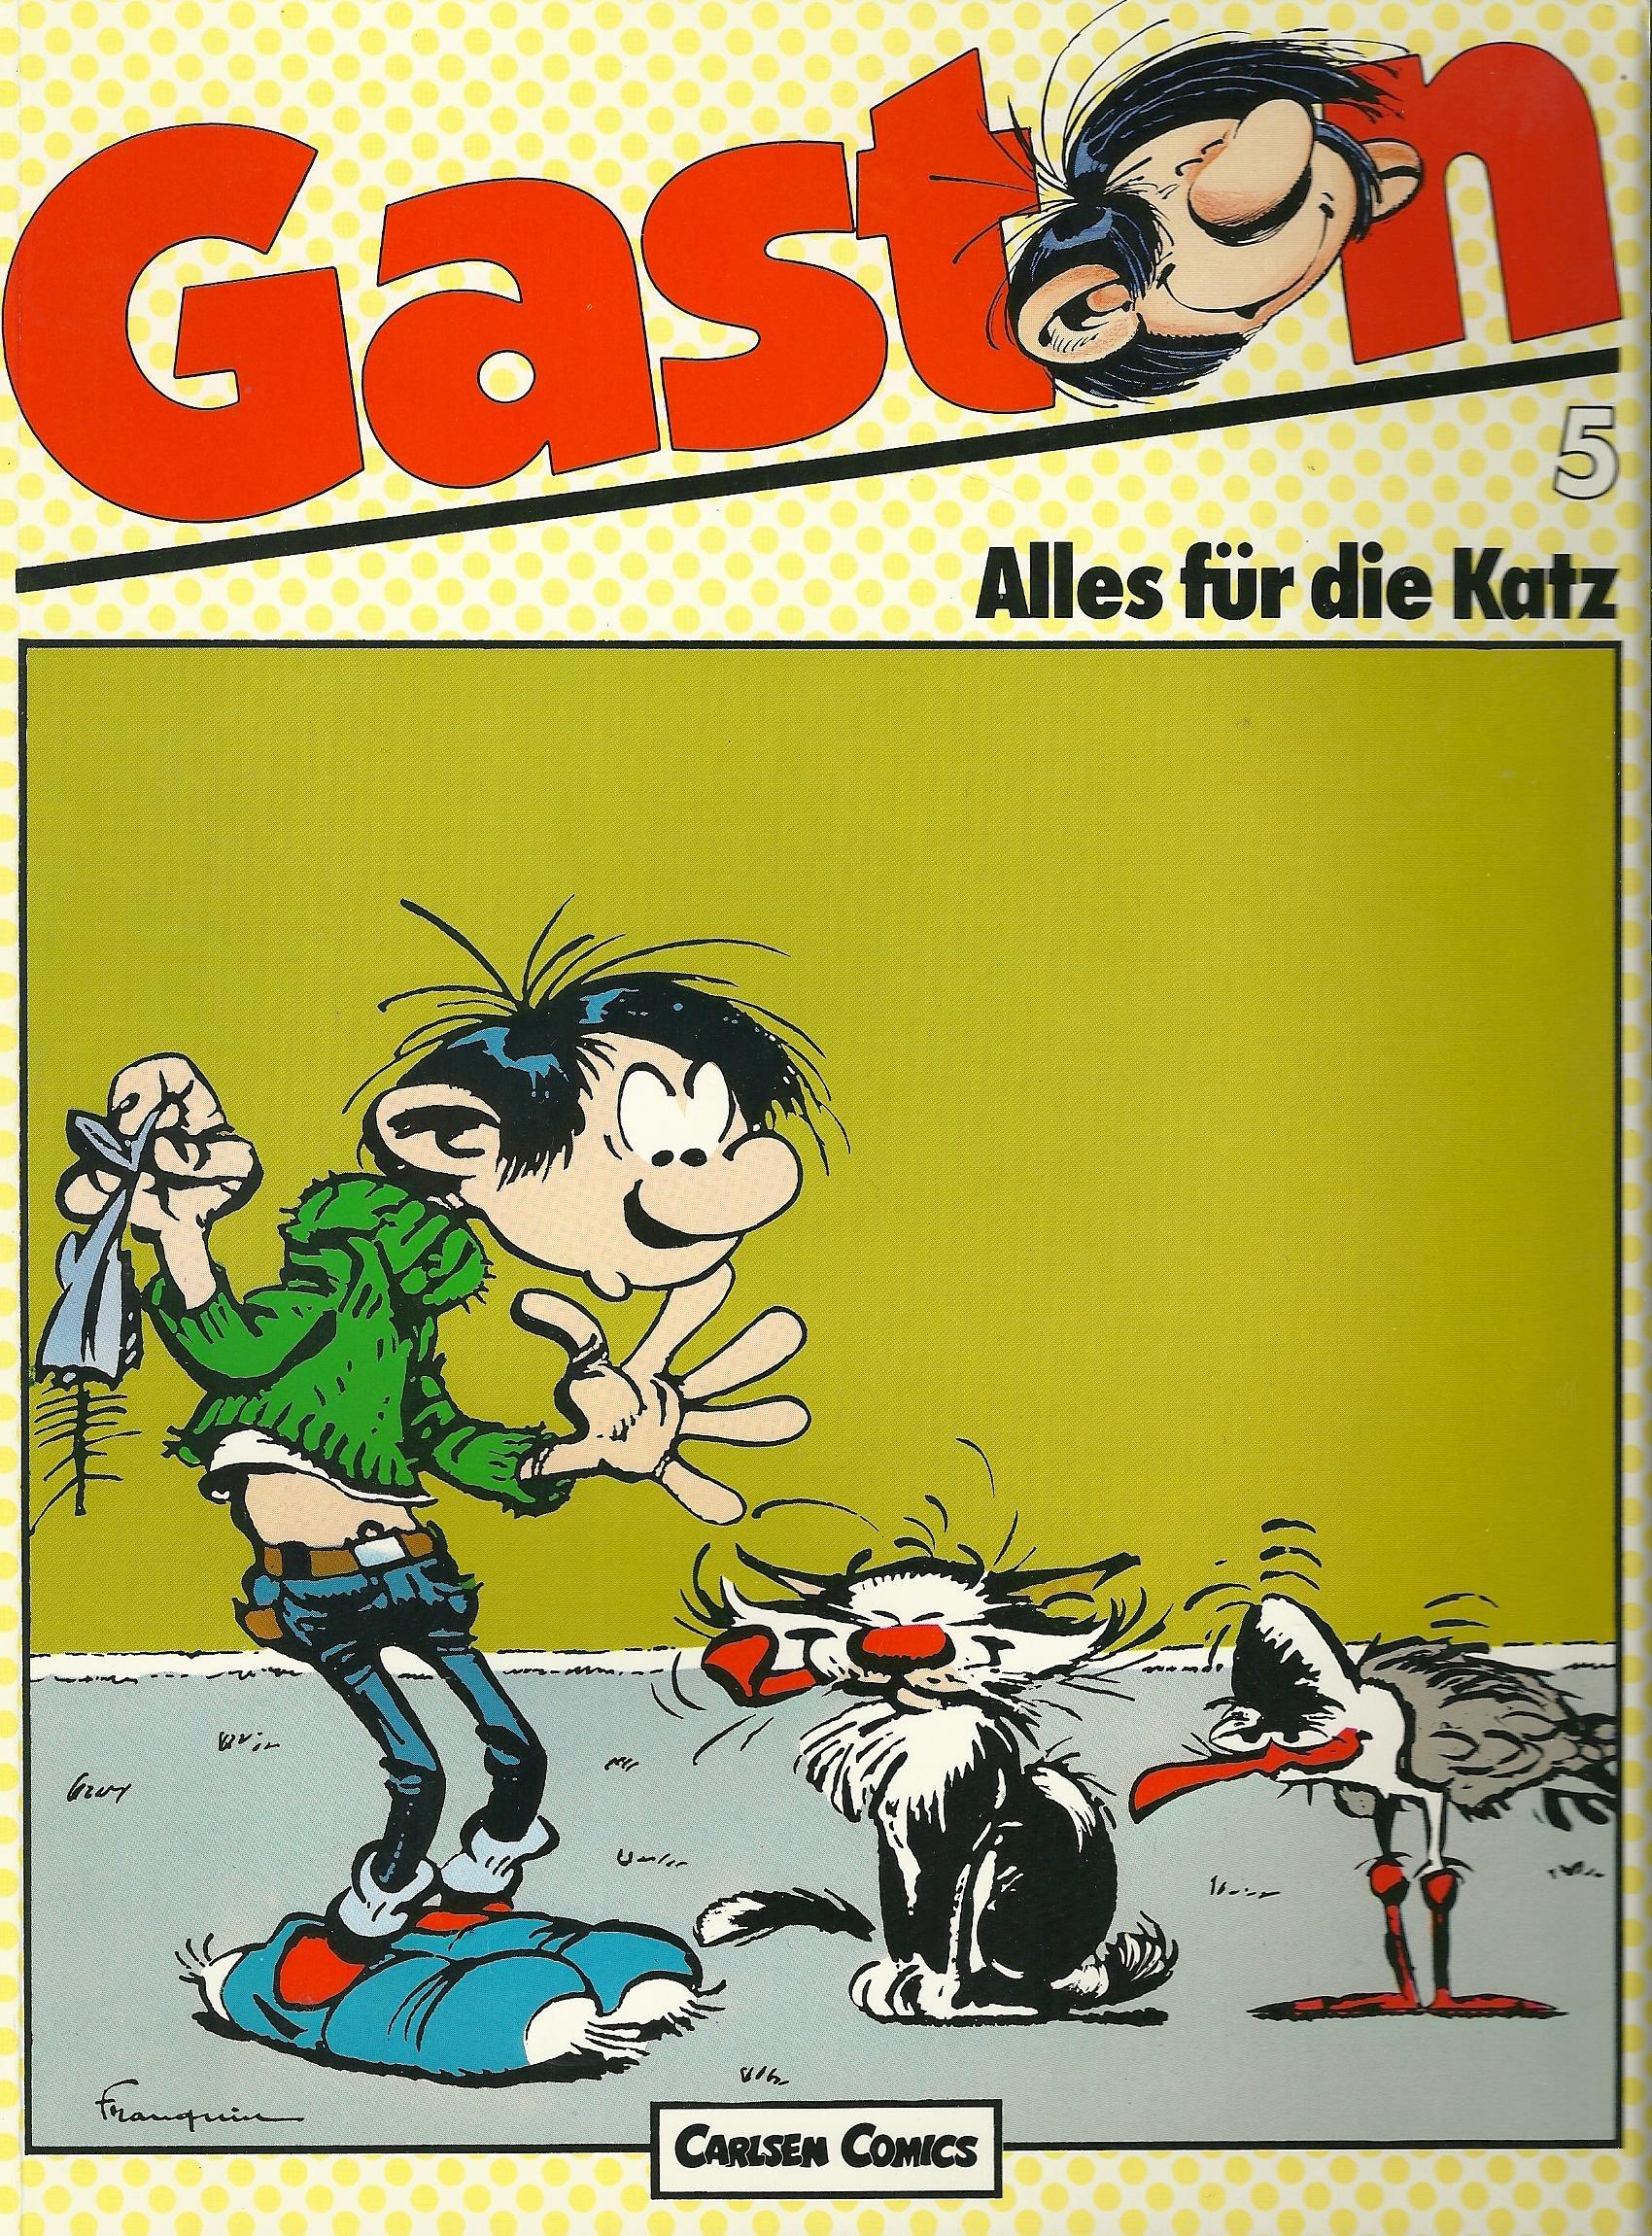 Alles für die Katz (Gaston)